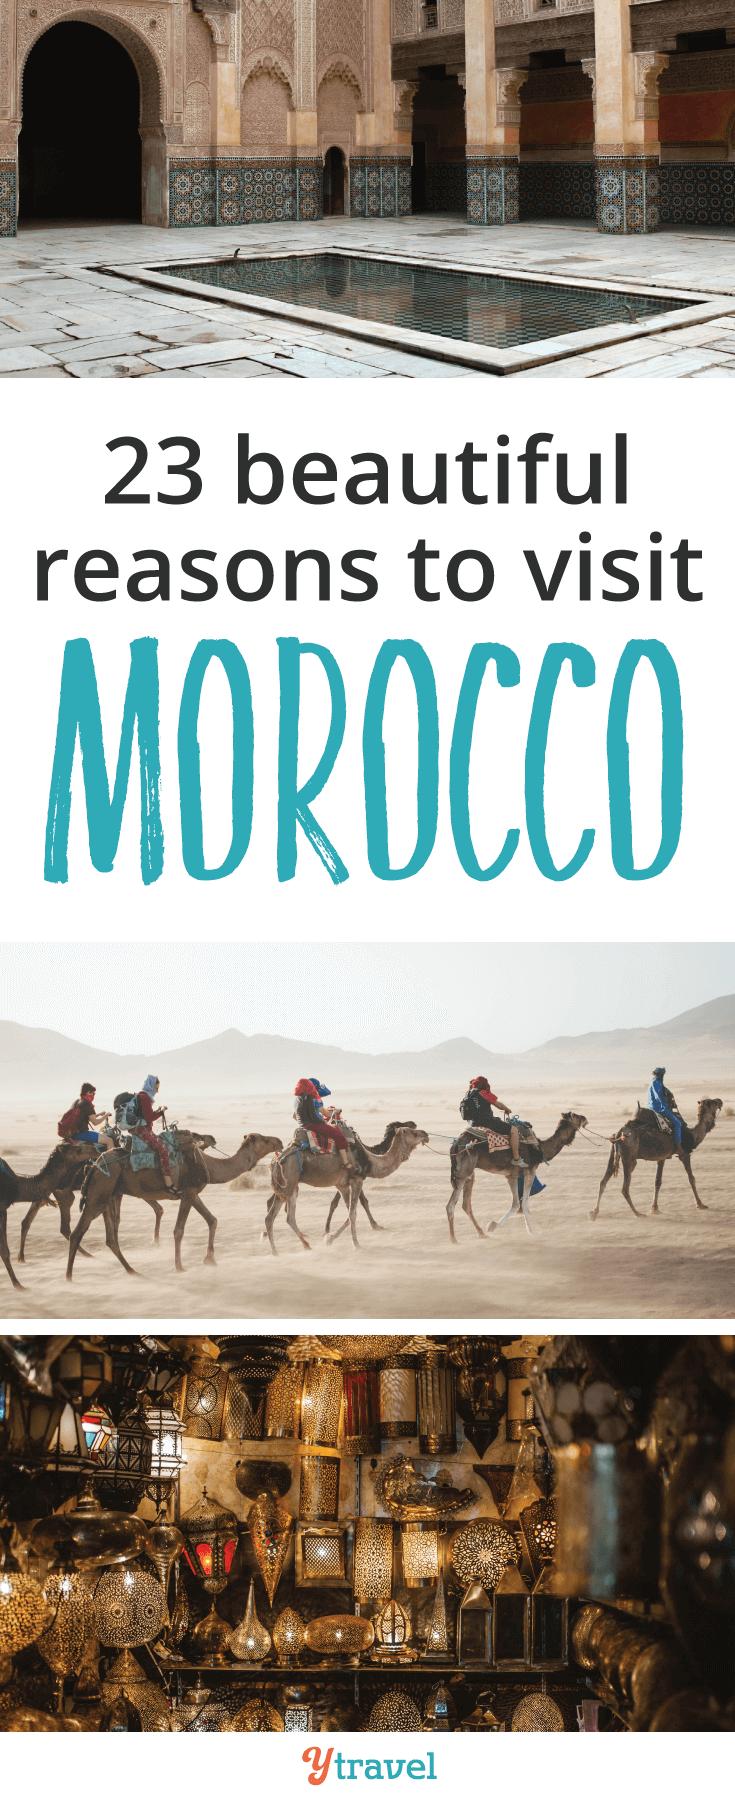 187581_Morocca-v2_3718-1 ▷ Comenta 23 hermosas razones para visitar Marruecos por nassim ga